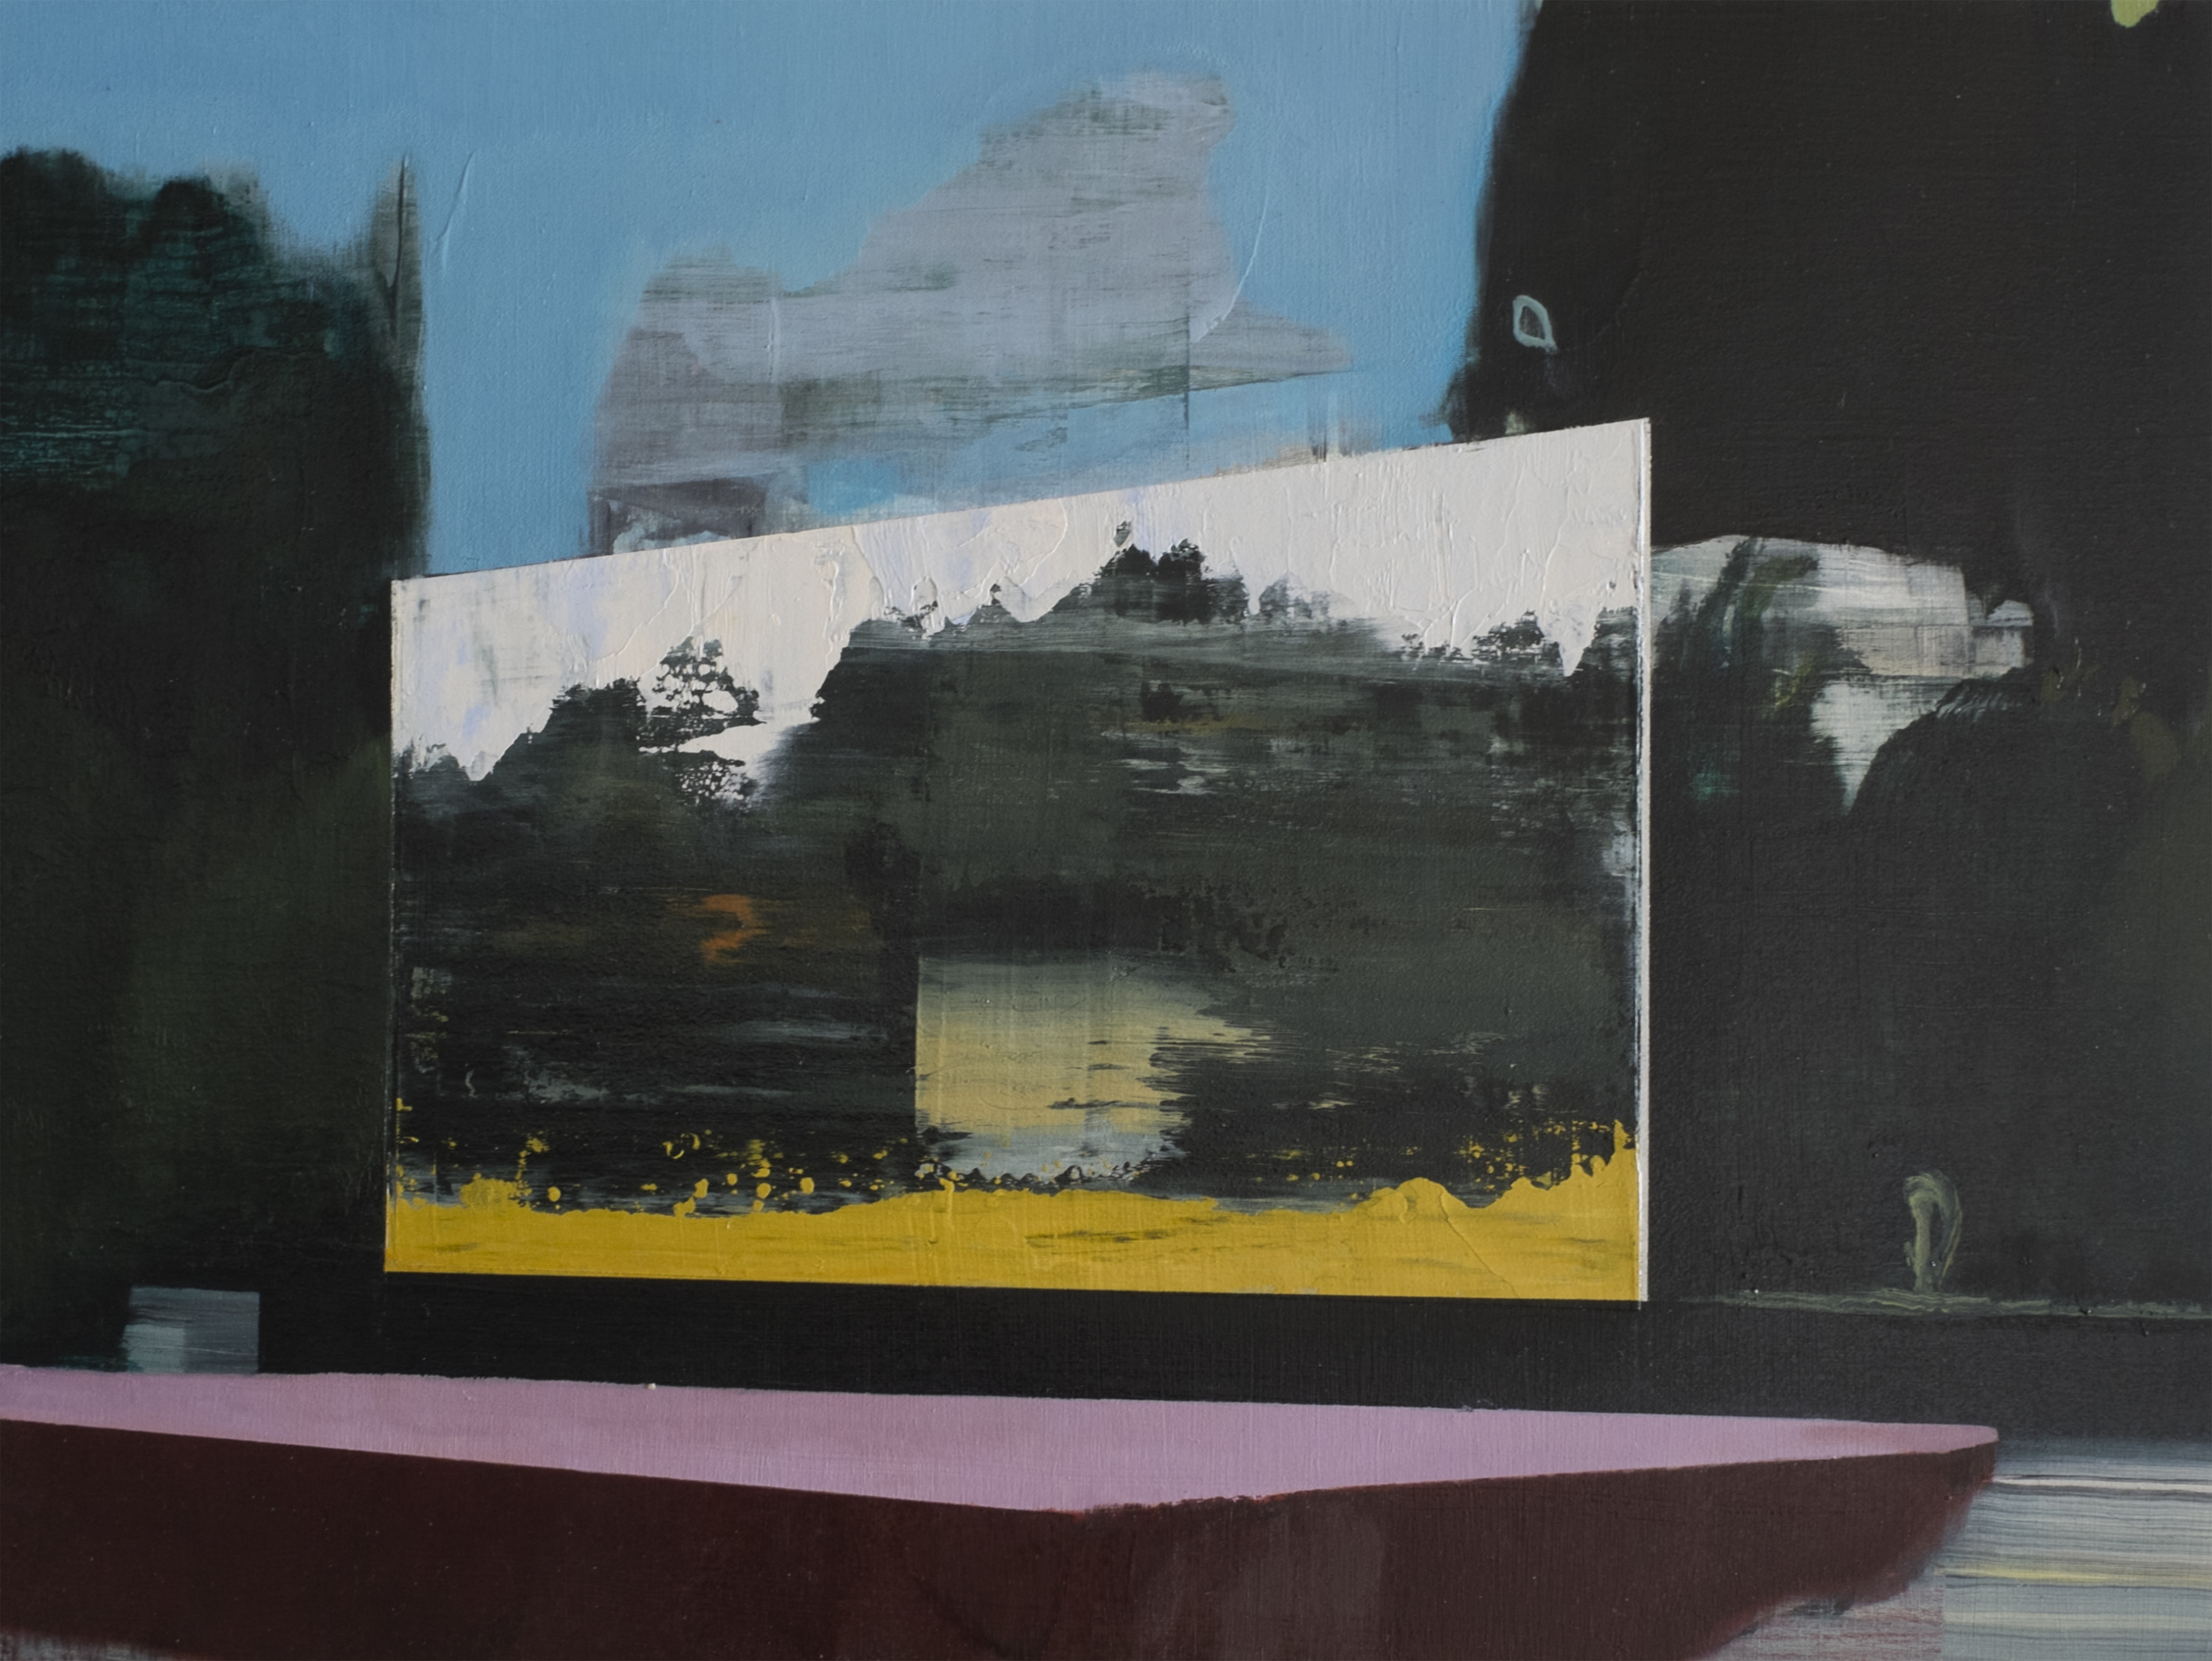 Landscape #5 风景 5, 2014 Oil on wood board 木板上油画 12 x 16 in.